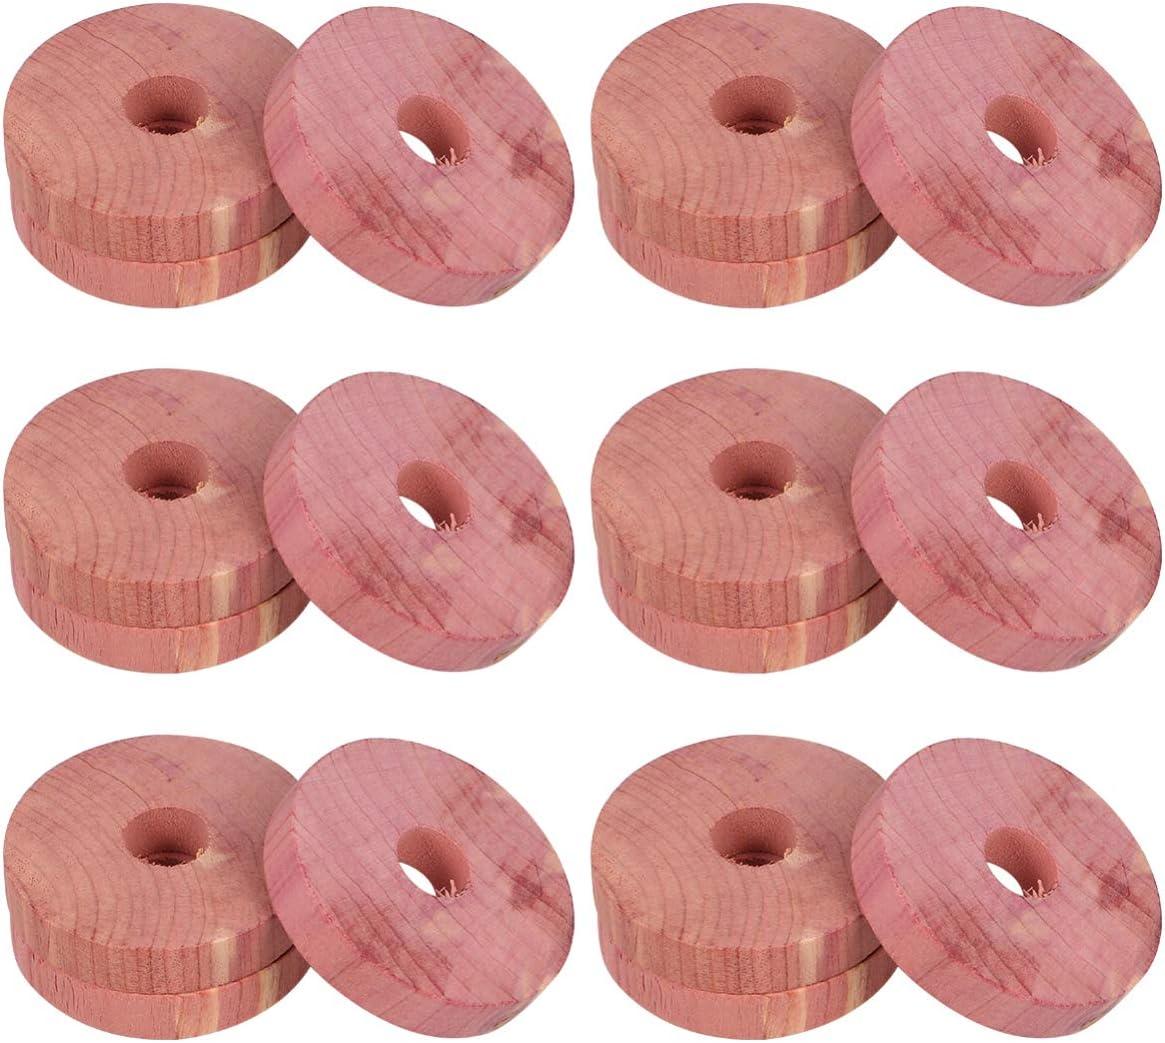 Cabilock 30 Piezas de Anillos de Madera de Cedro Anillos de Protecci/ón de Polillas Perchas de Bolas de Cedro para Muebles de Cajones de Armario